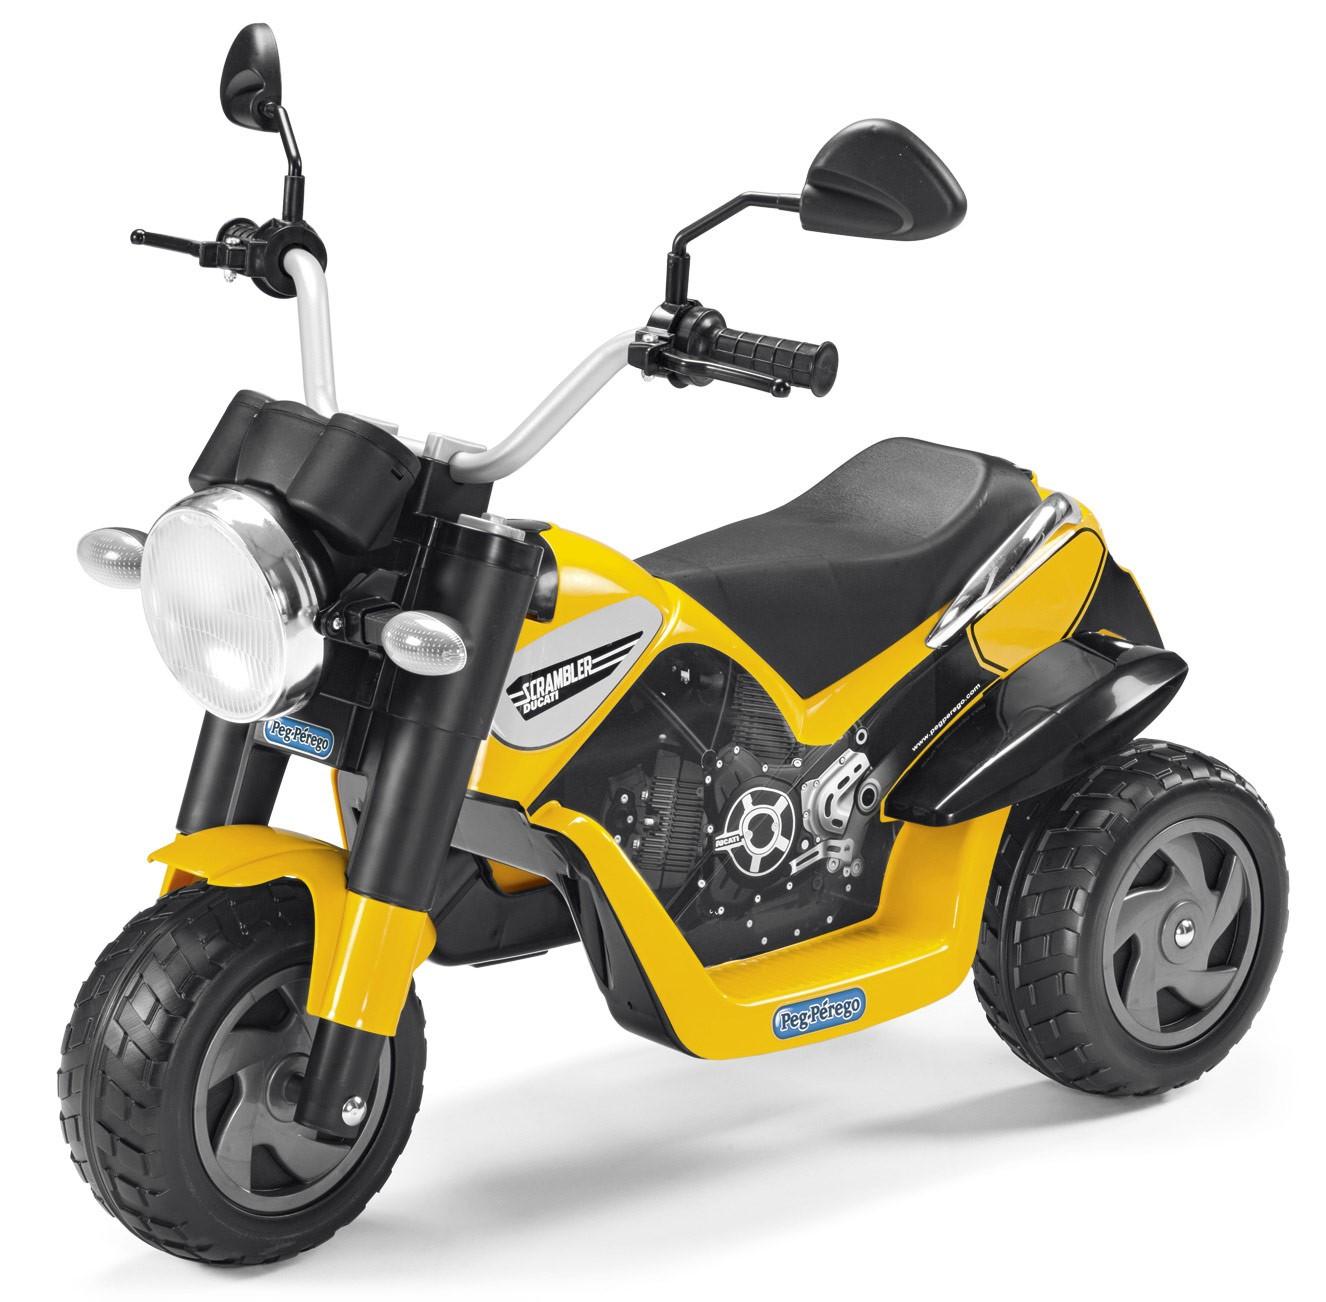 Peg Perego Moto Électrique Scrambler Ducati